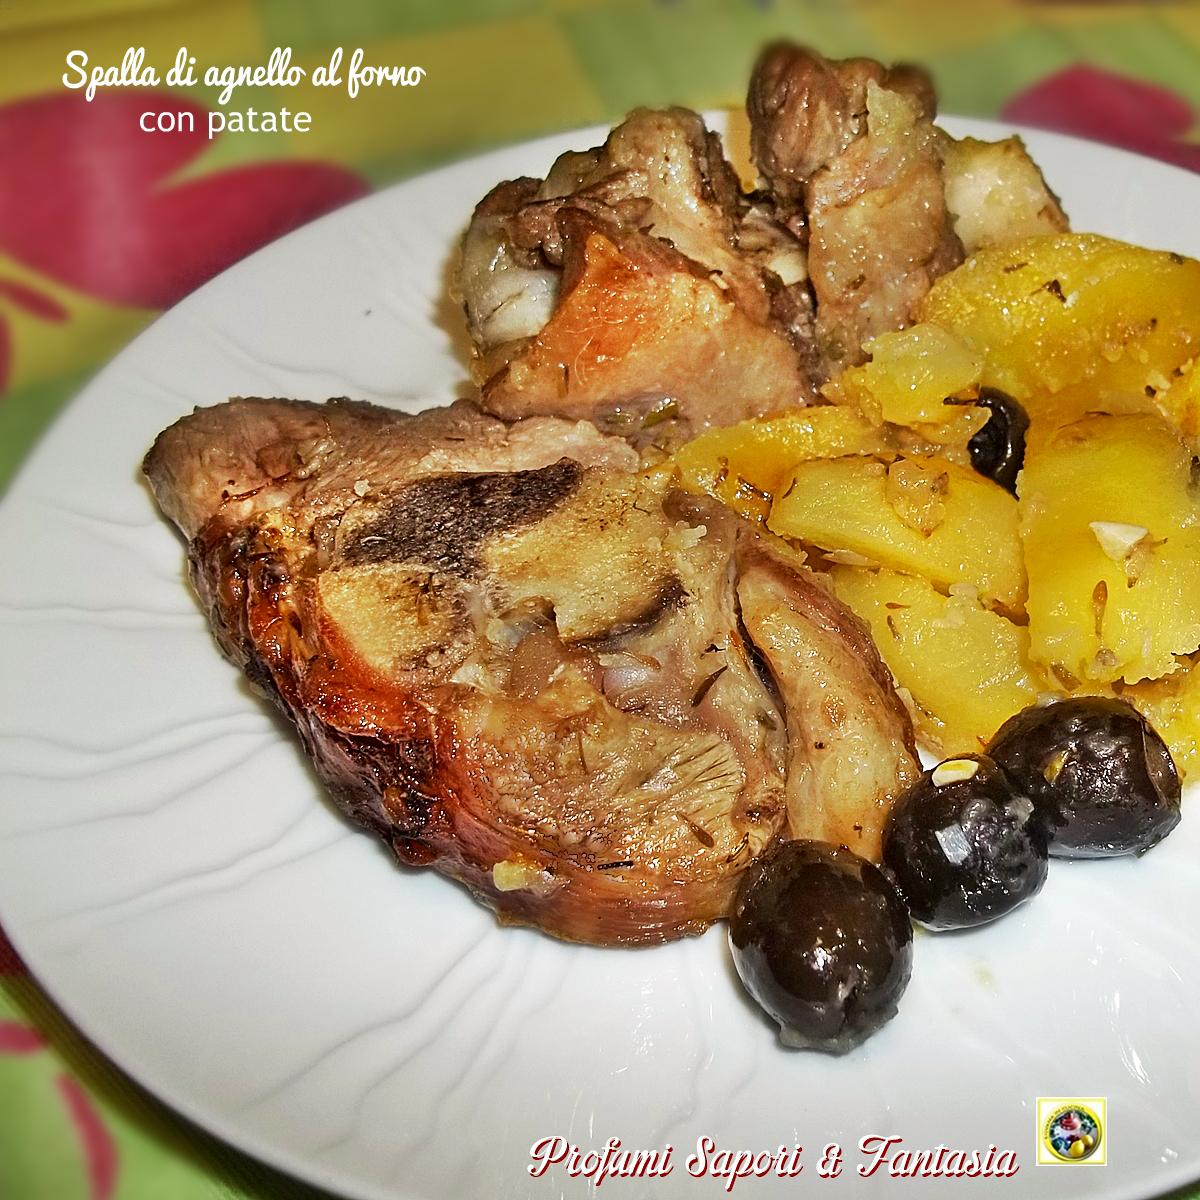 Spalla di agnello al forno con patate